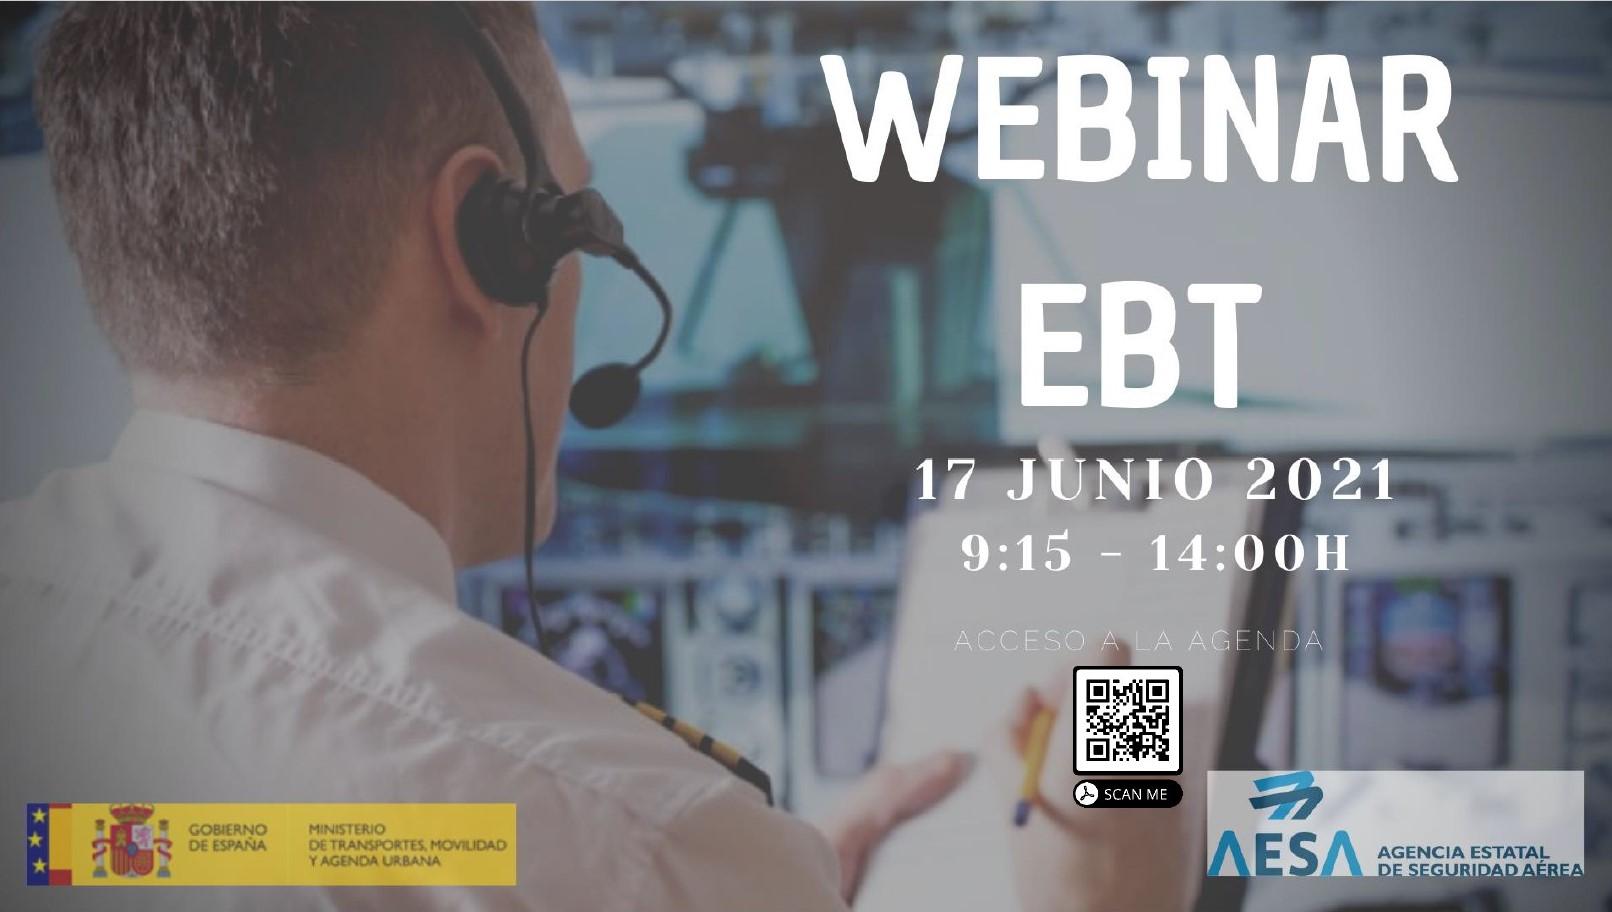 AESA organiza Jornada online sobre el Programa de Entrenamiento de Pilotos basado en Evidencias (EBT)